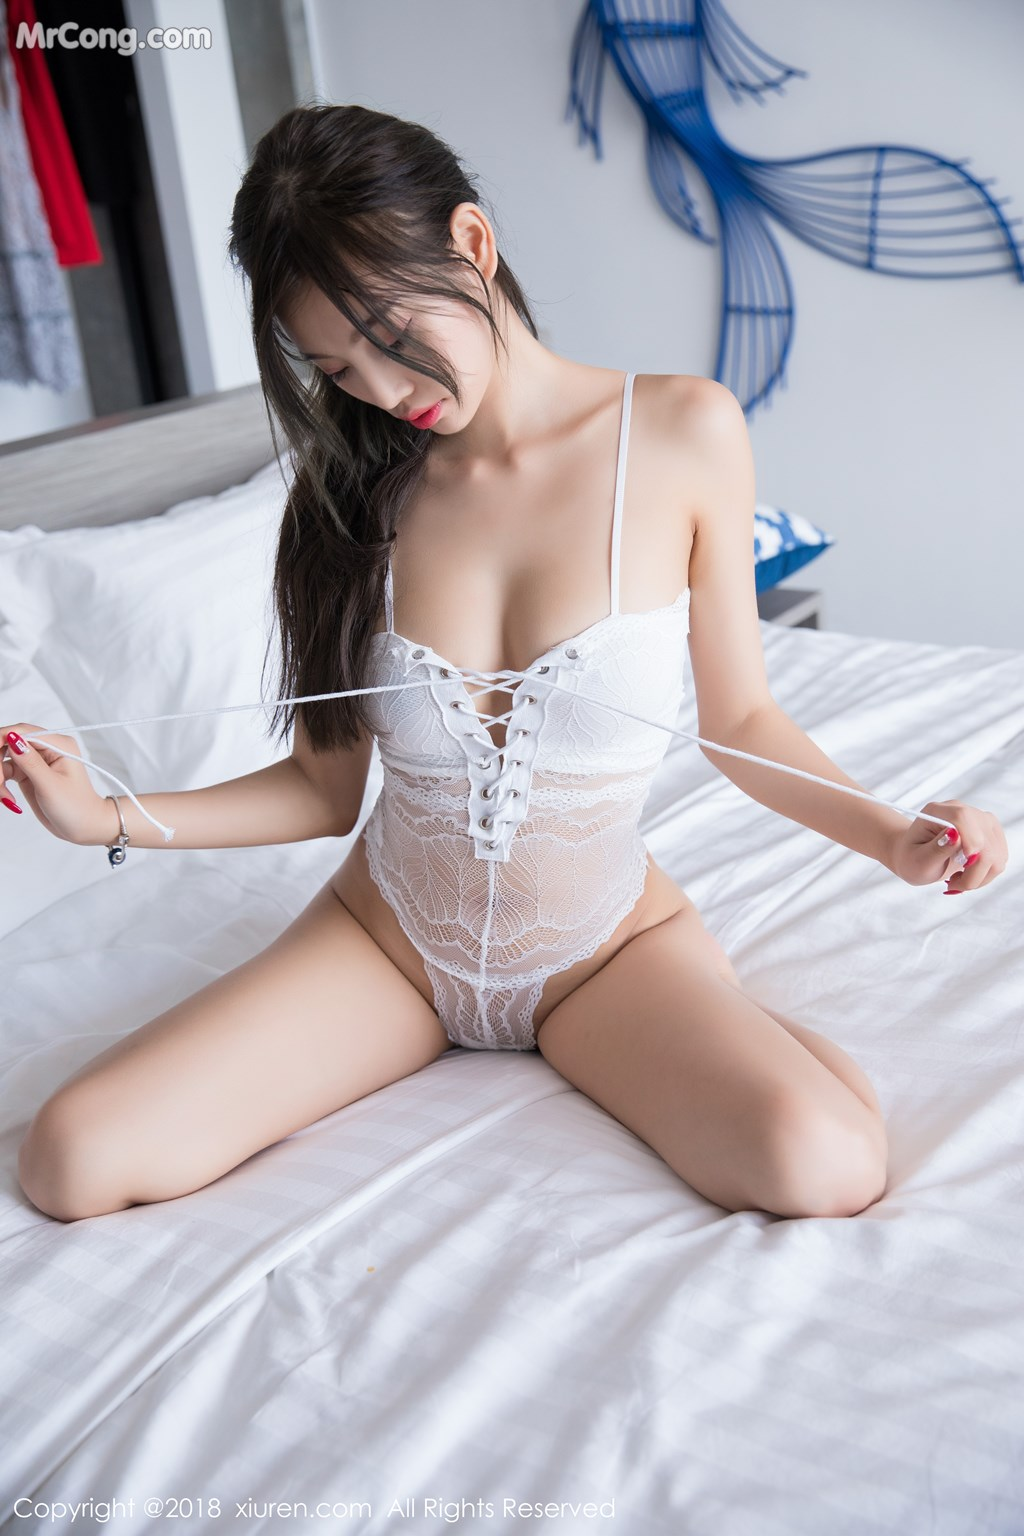 XIUREN-No.1134-Yang-Chen-Chen-sugar-MrCong.com-044.jpg?w=955&ssl=1